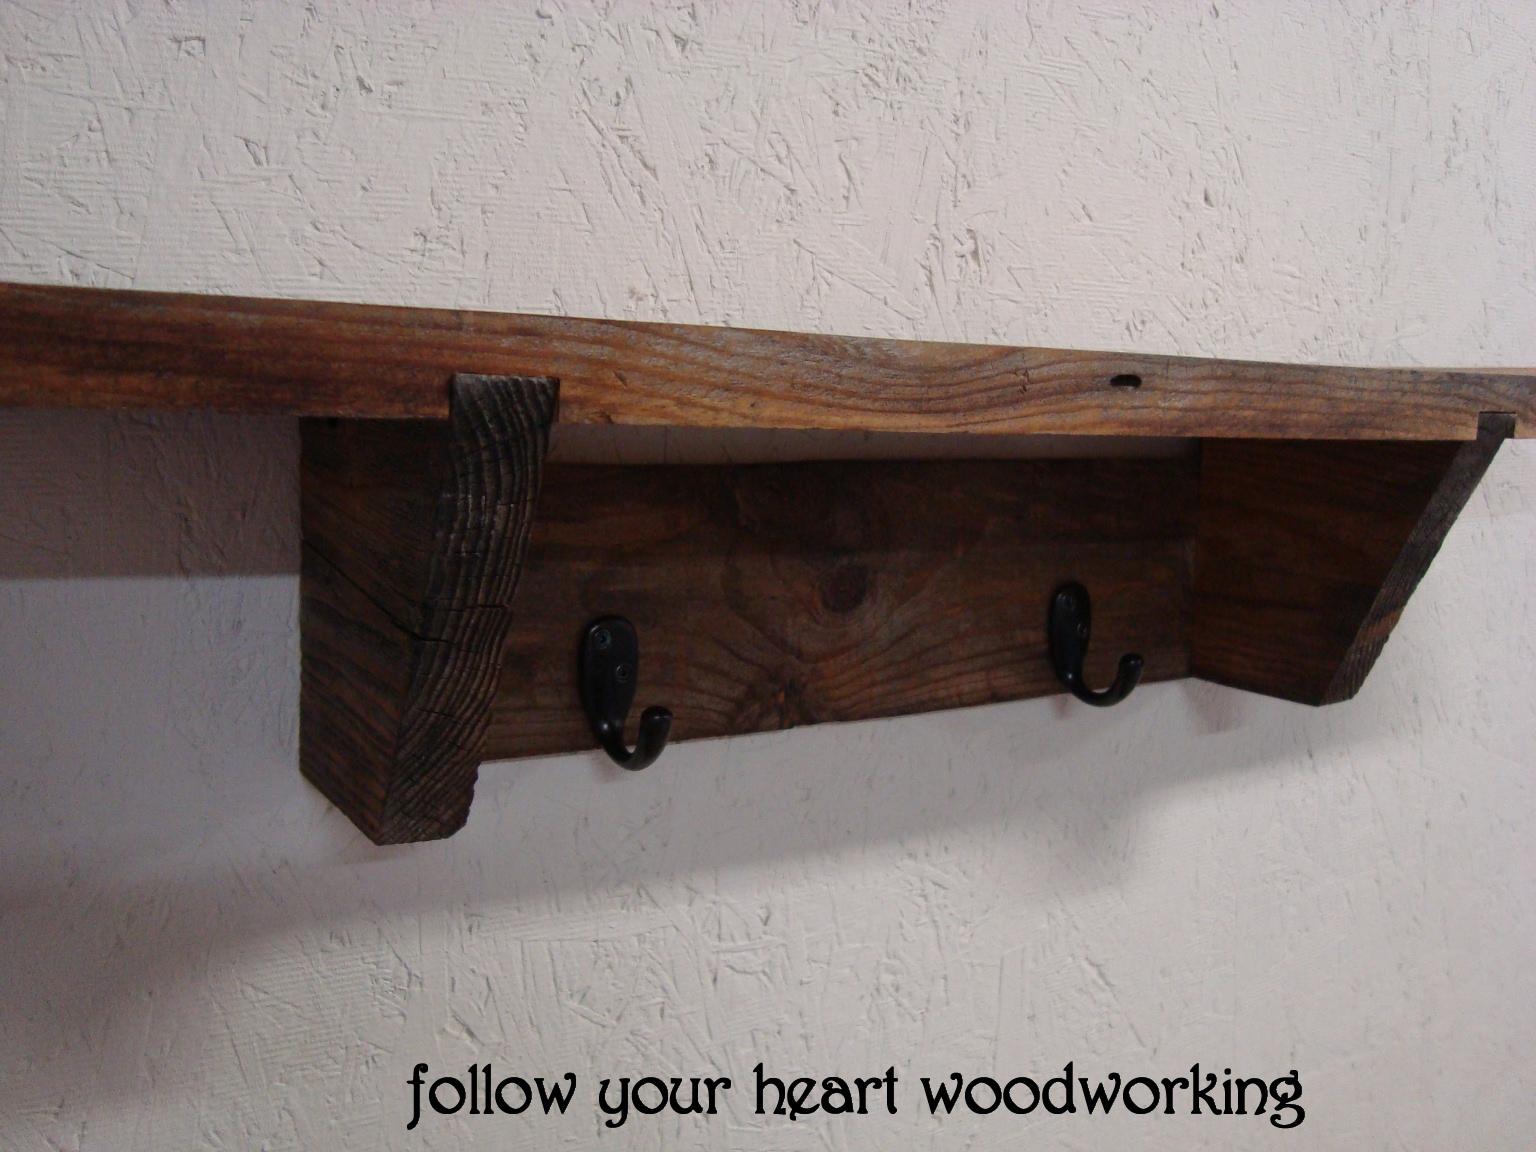 Follow Your Heart Woodworking Barn Board Shelf 2